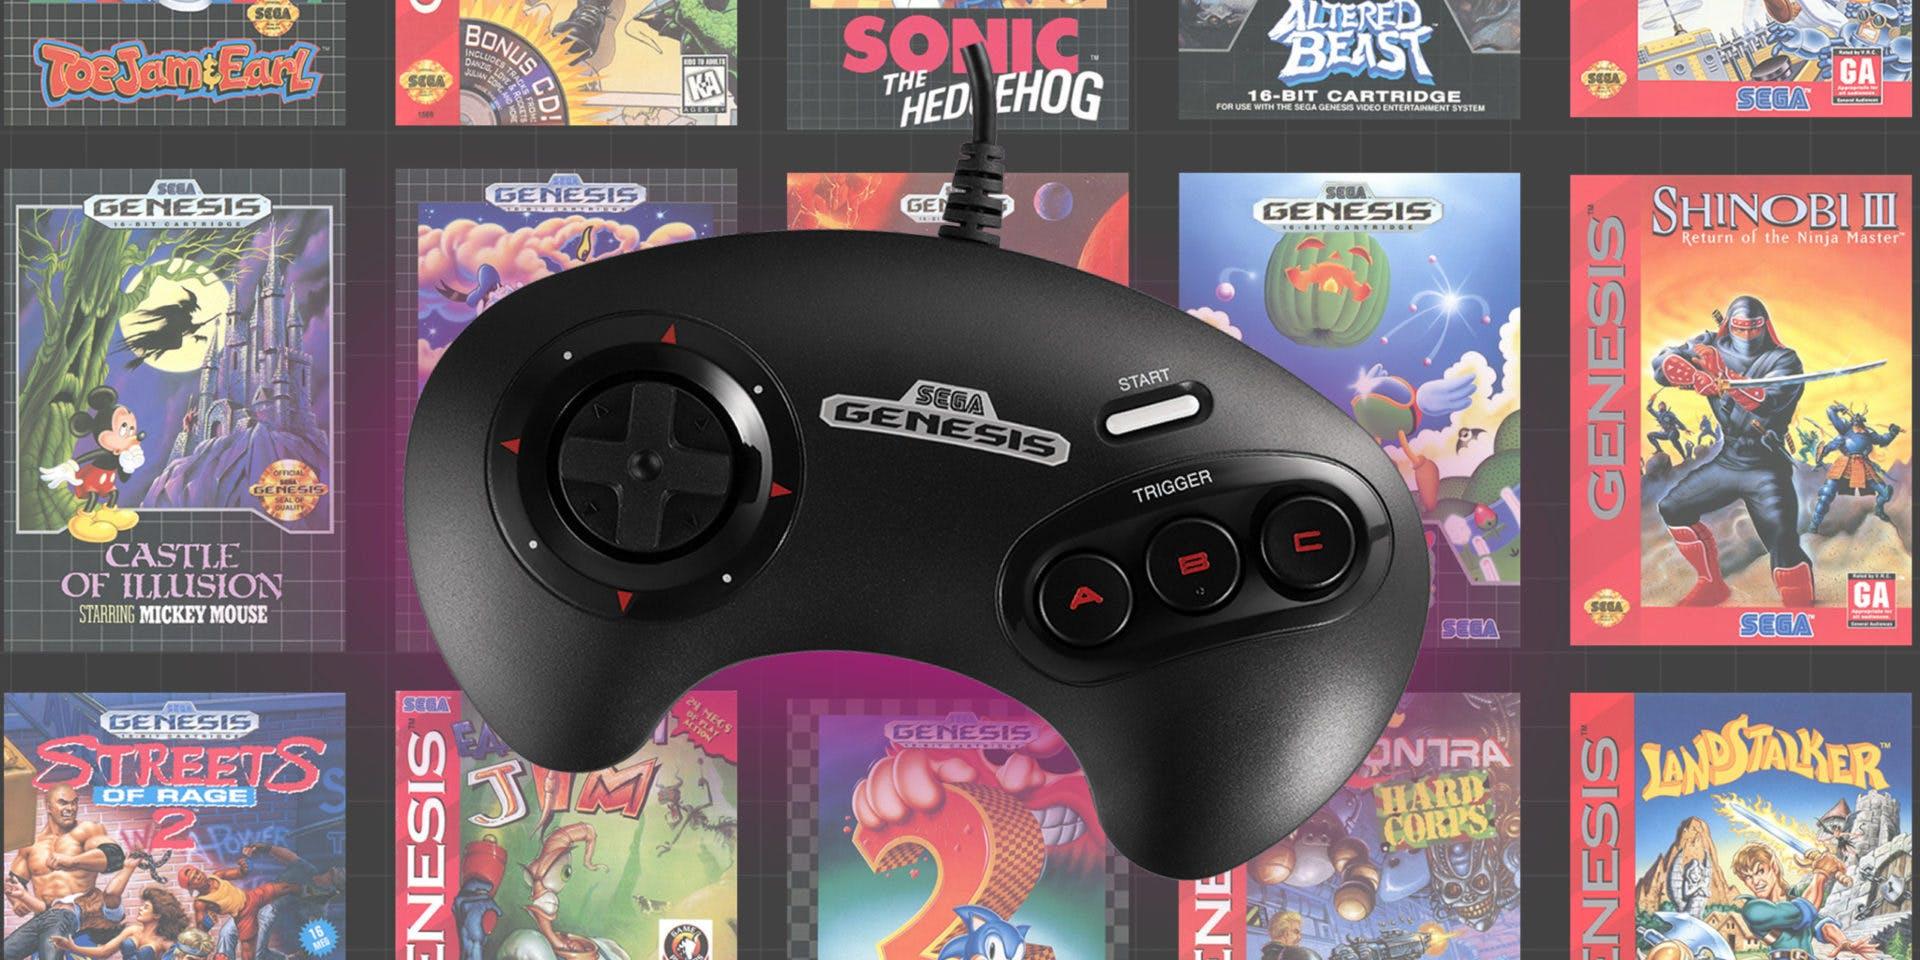 Sega Genesis mini games